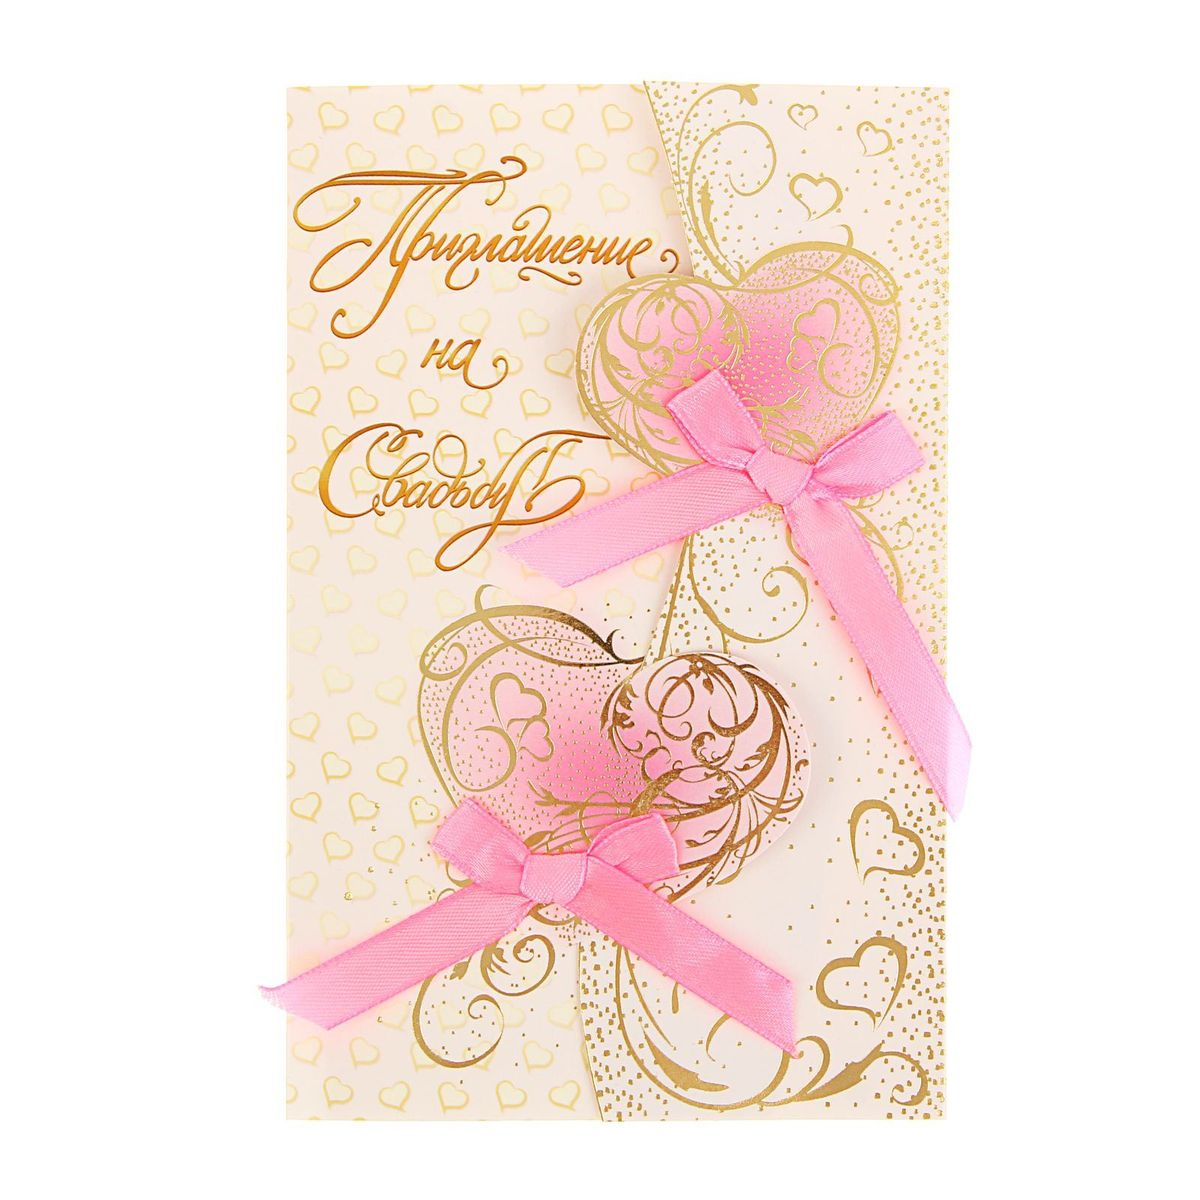 Эдельвейс Приглашение на свадьбу, сердца. 1145473C0042416Приглашение — один из самых важных элементов вашего торжества. Задумайтесь, ведь именно пригласительное письмо станет первым и главнымобъявлением о том, что вы решили провести столь важное мероприятие. И эта новость обязательно должна быть преподнесена достойным образом.Приглашение —не отдельно существующий элемент, но весомая часть всей концепции праздника.